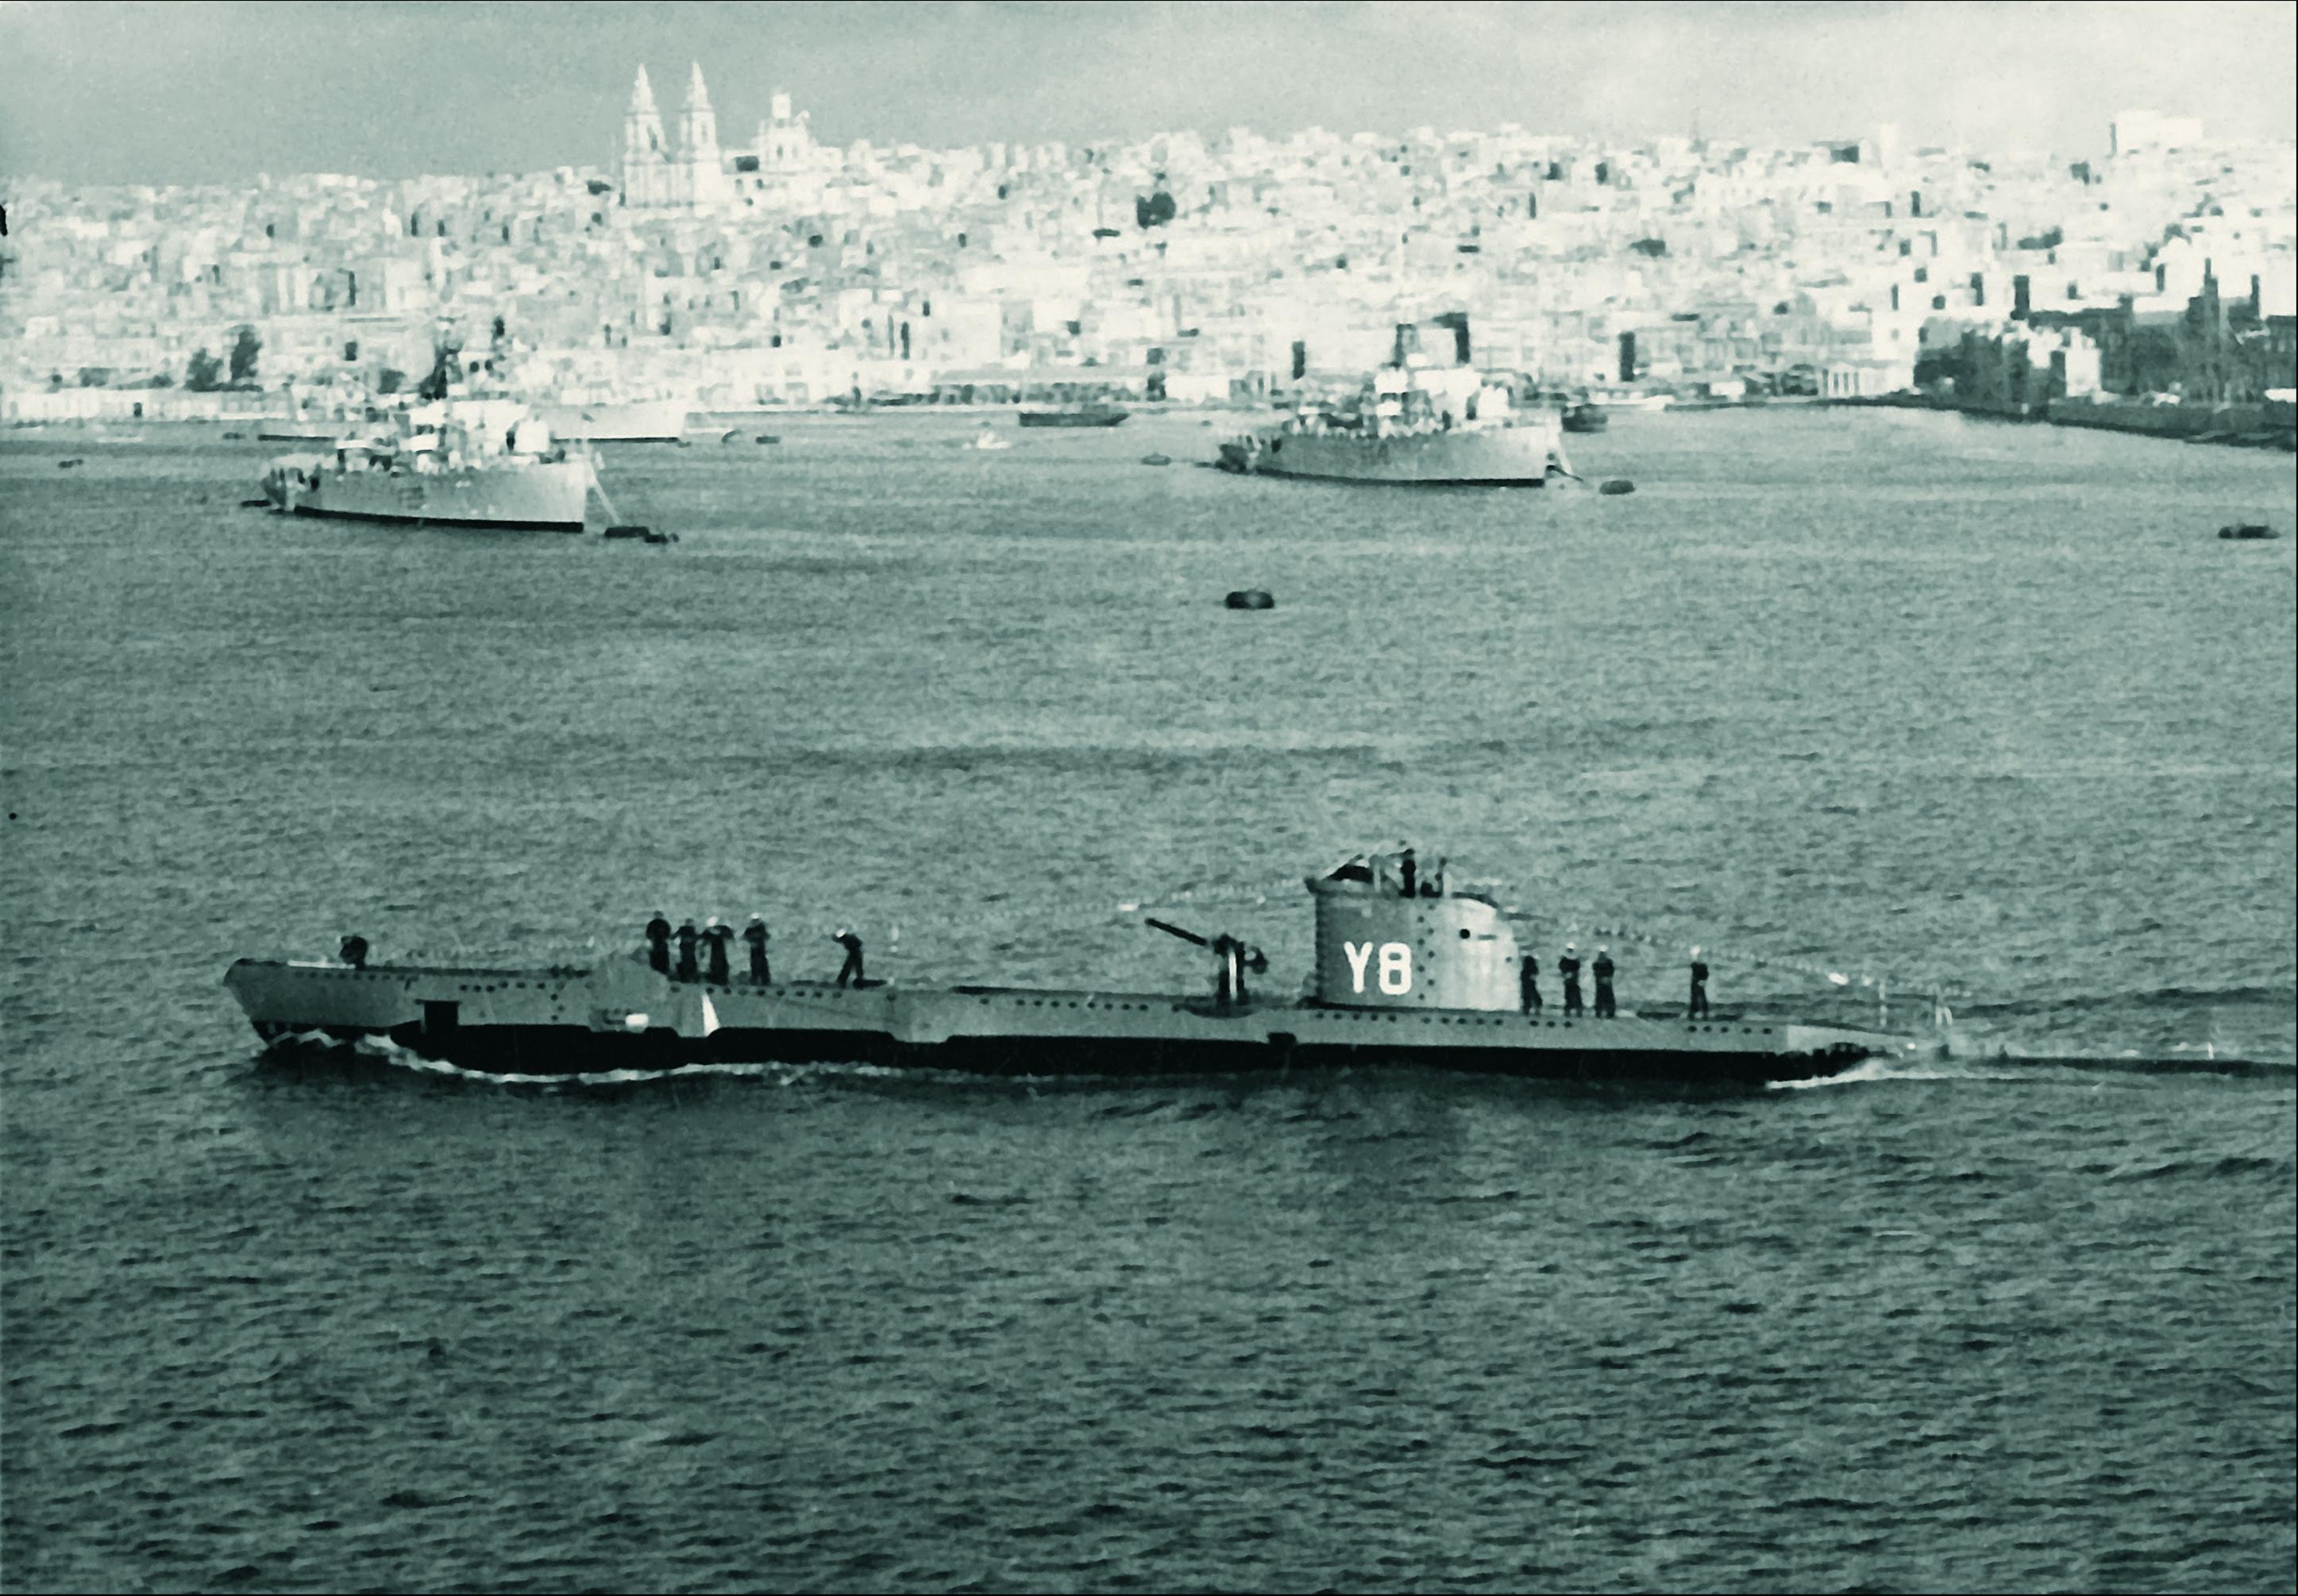 Η Ιστορία του Πολεμικού Ναυτικού